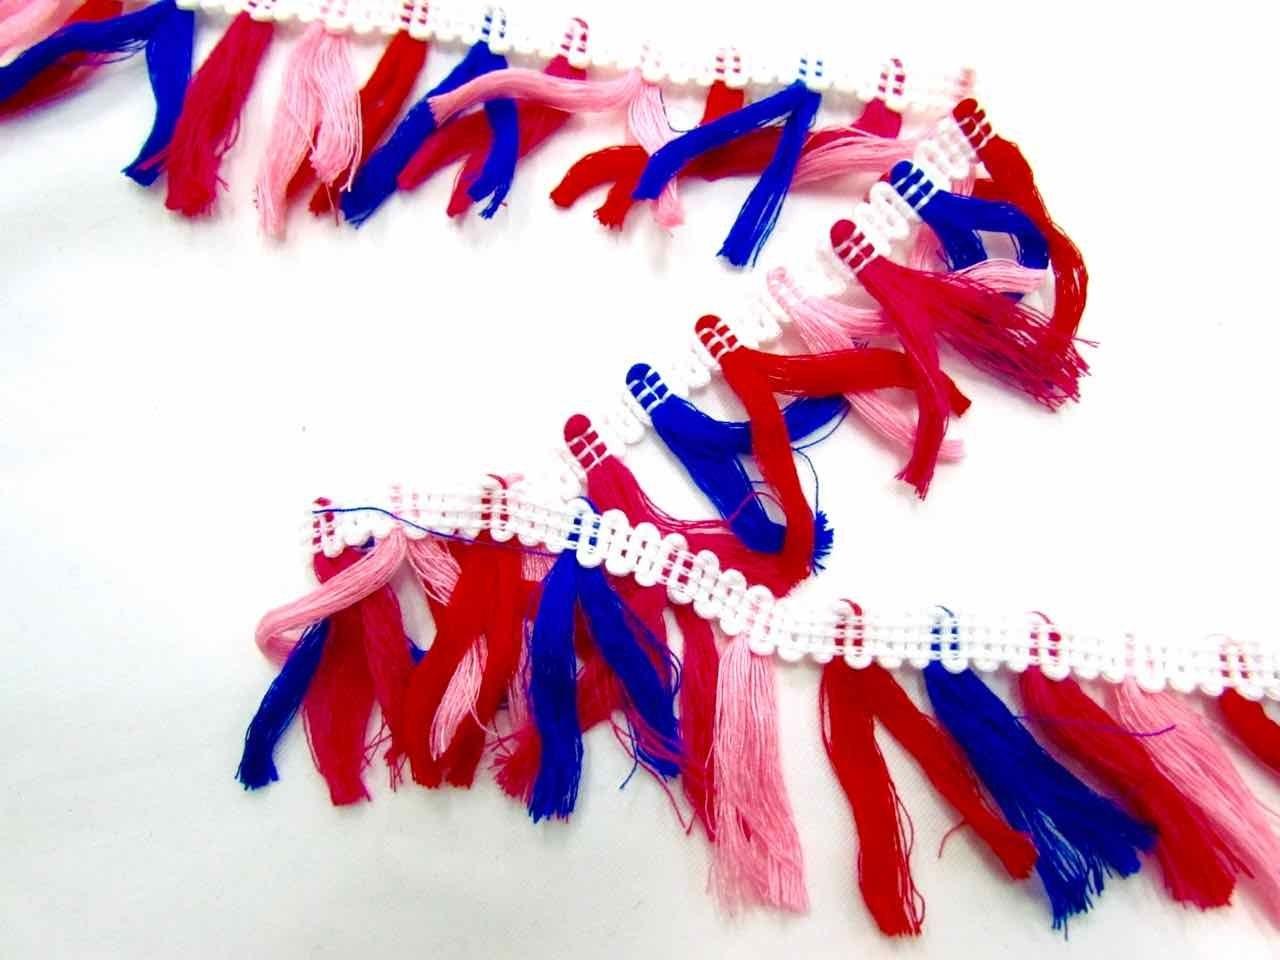 f1e0e735f3e4 Mariachi tassel fringe white online fabric store the remnant jpg 1280x960  Blue and white tassel fringe